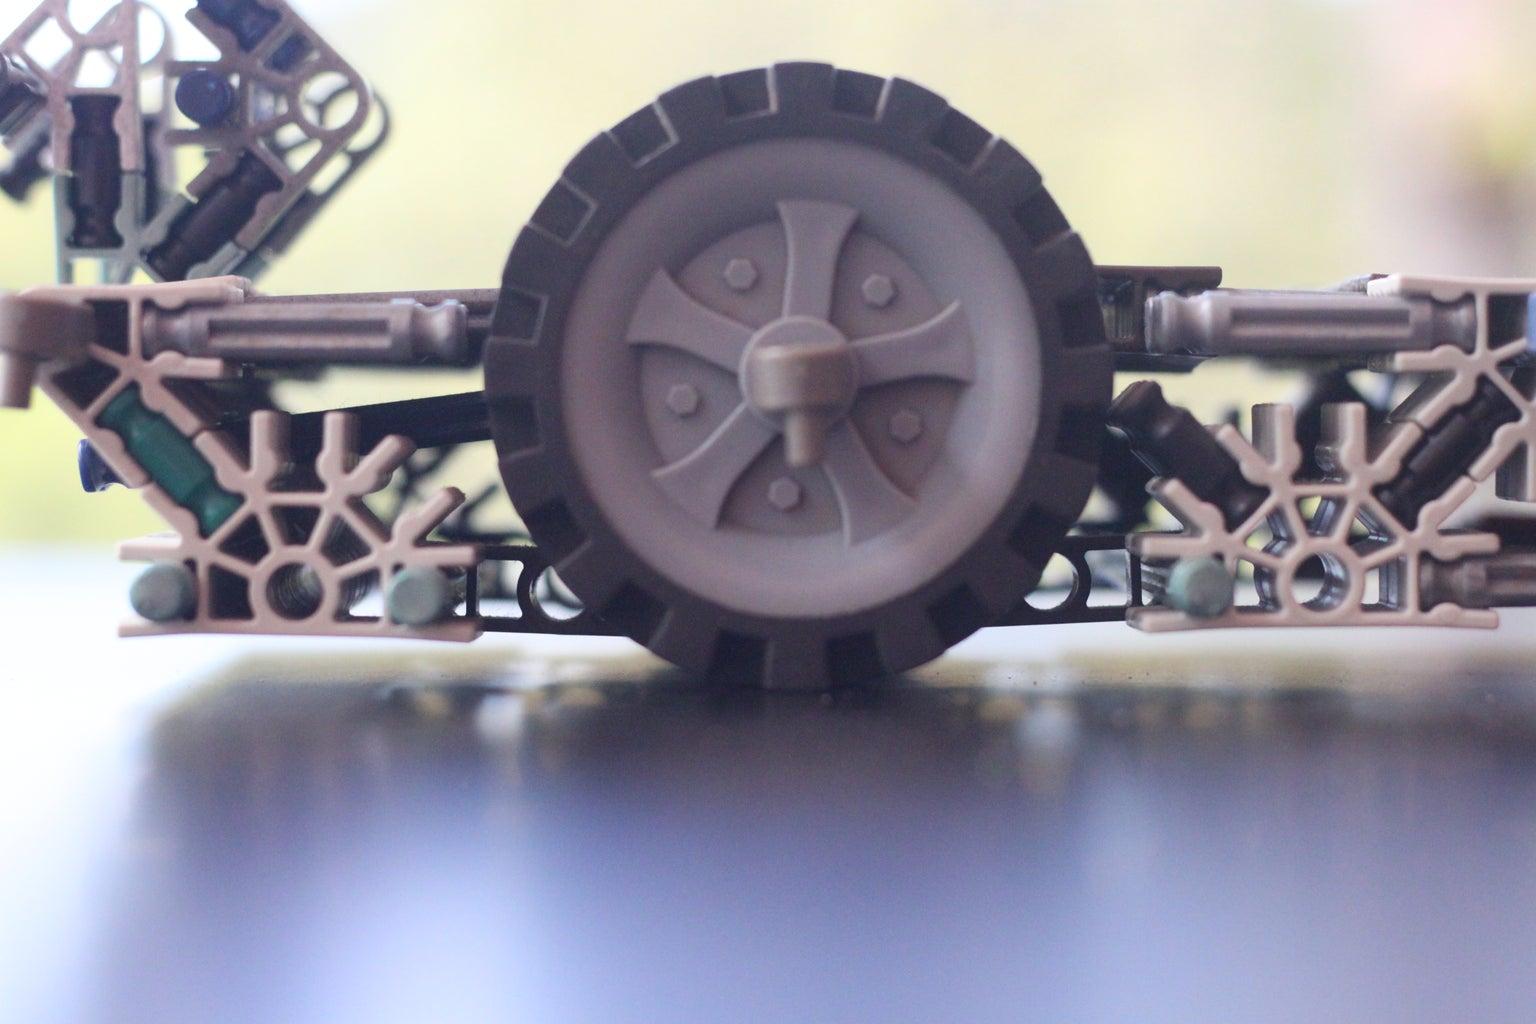 K'nex Mini Truck / Low Rider